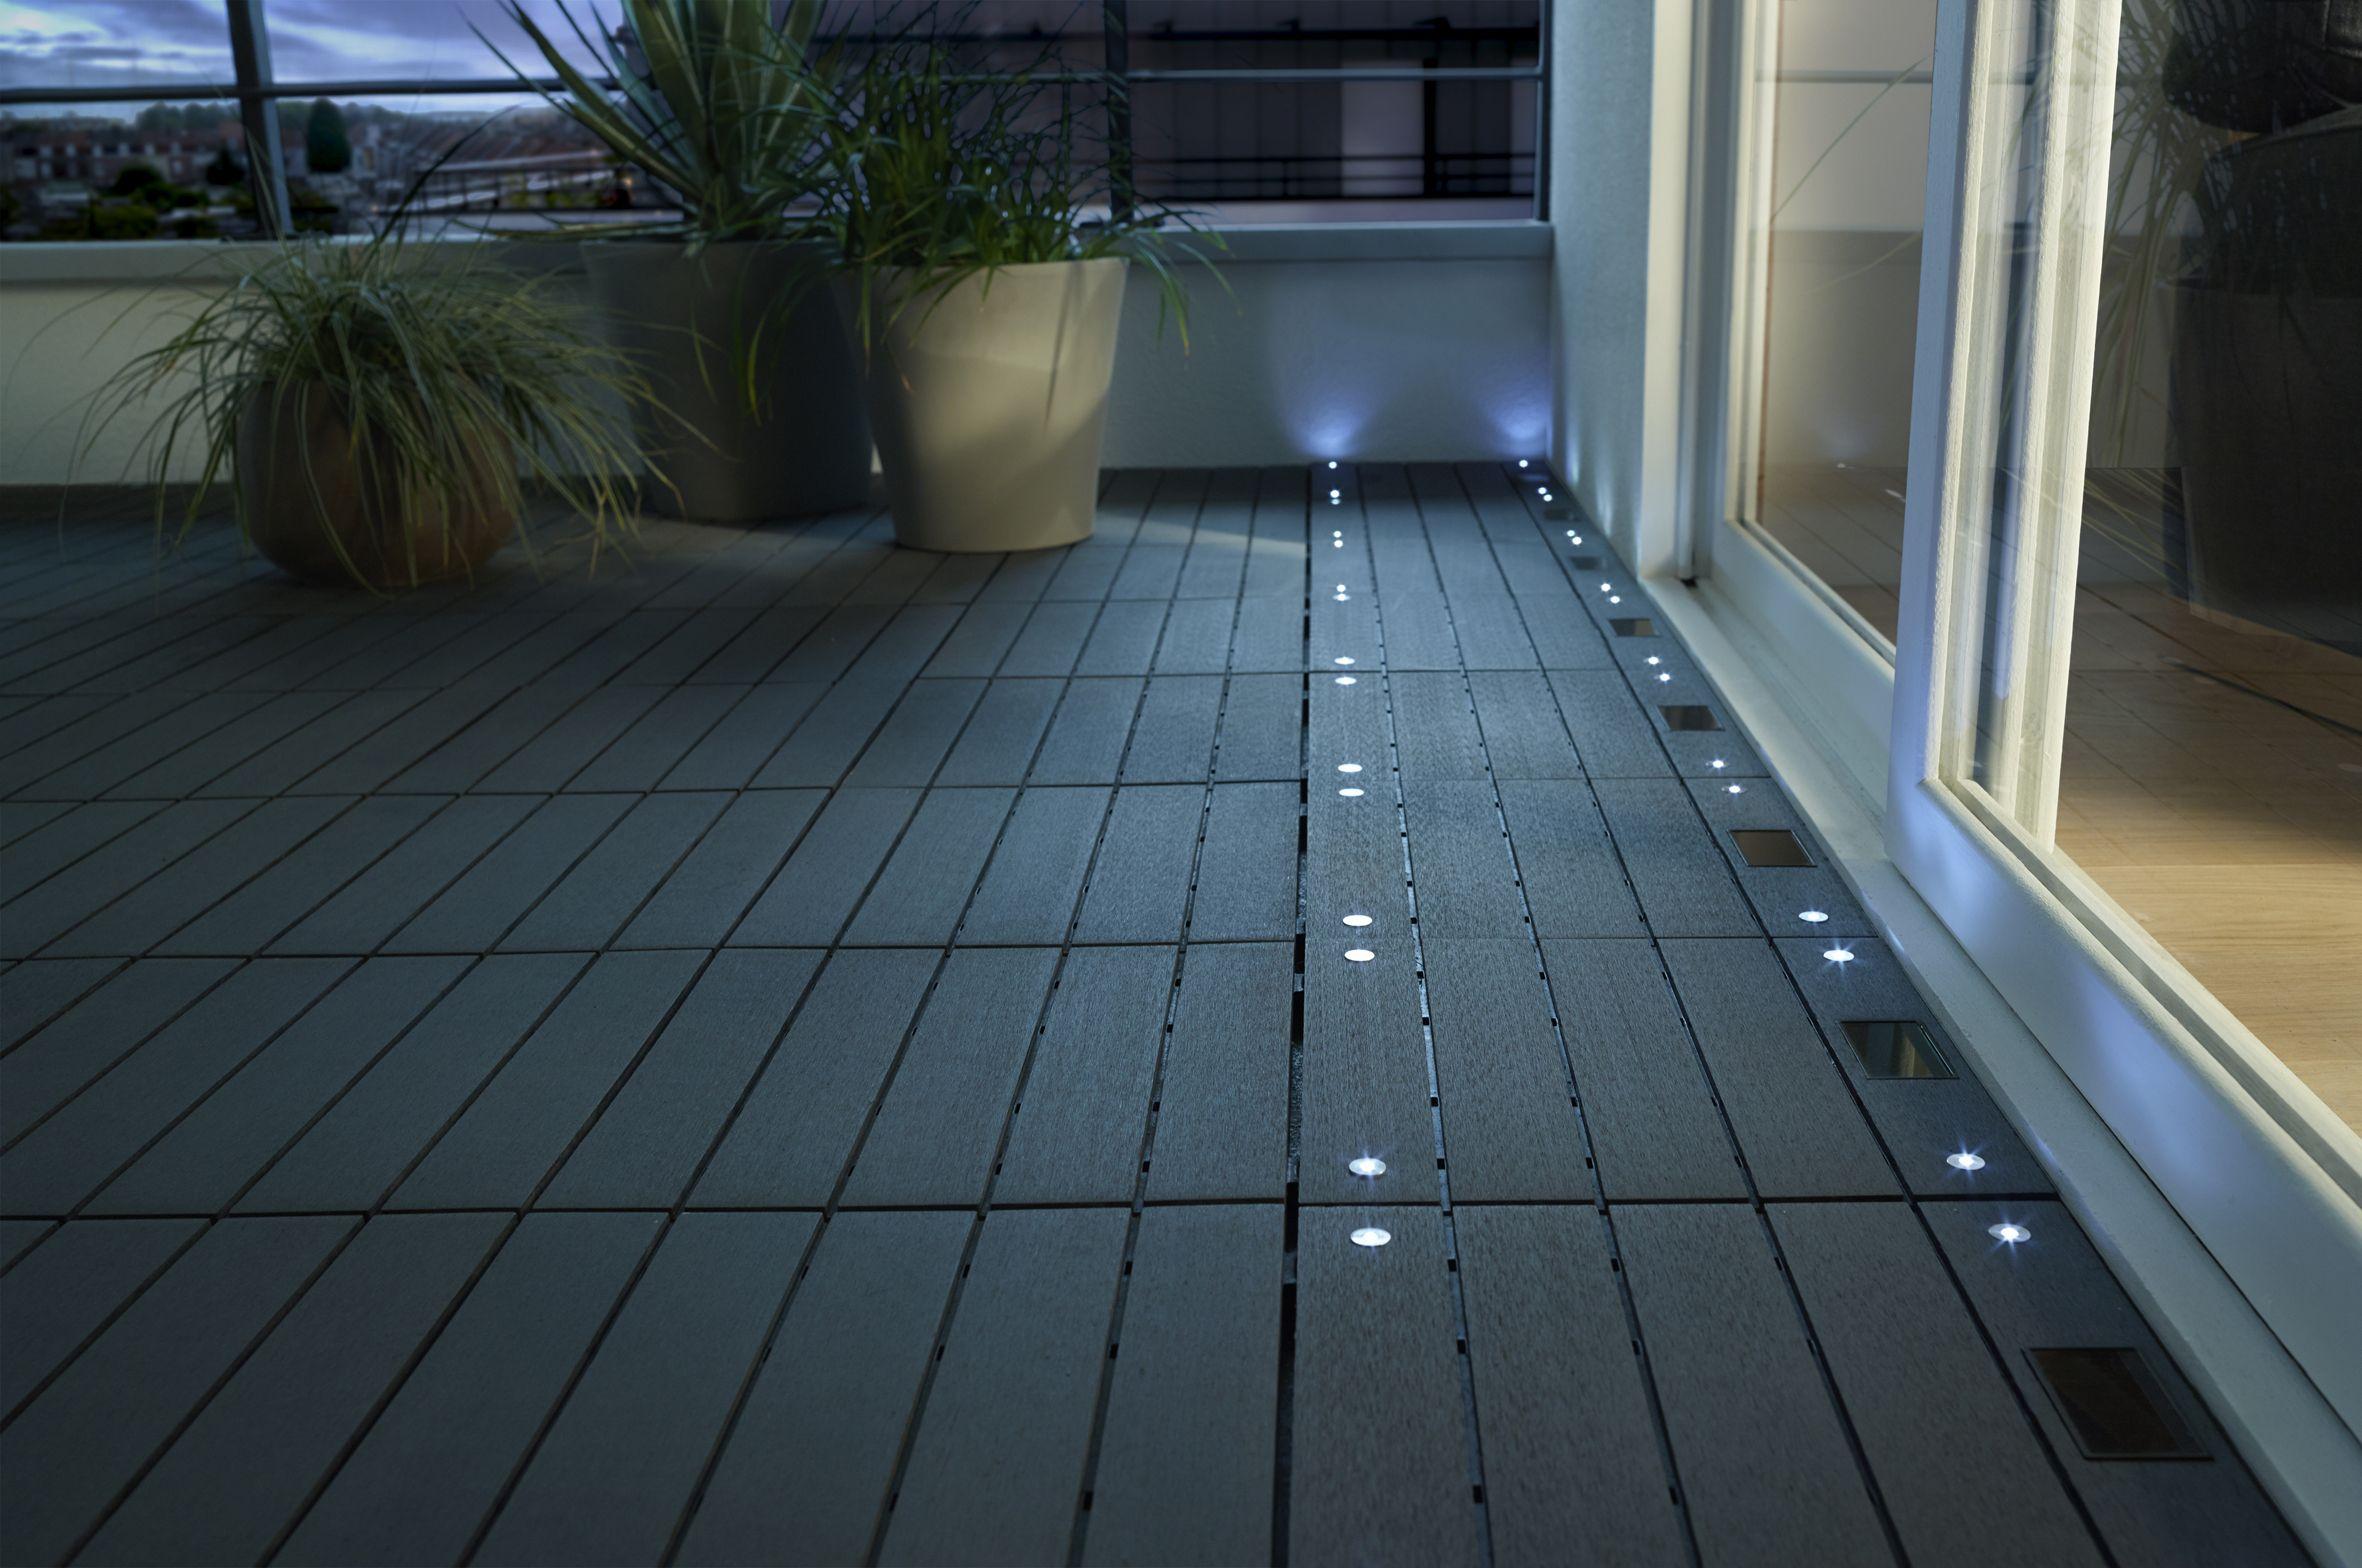 Dalle Balcon Emboitable Composite Avec Led Blooma 30 X 30 Cm ... tout Plot Plastique Terrasse Castorama